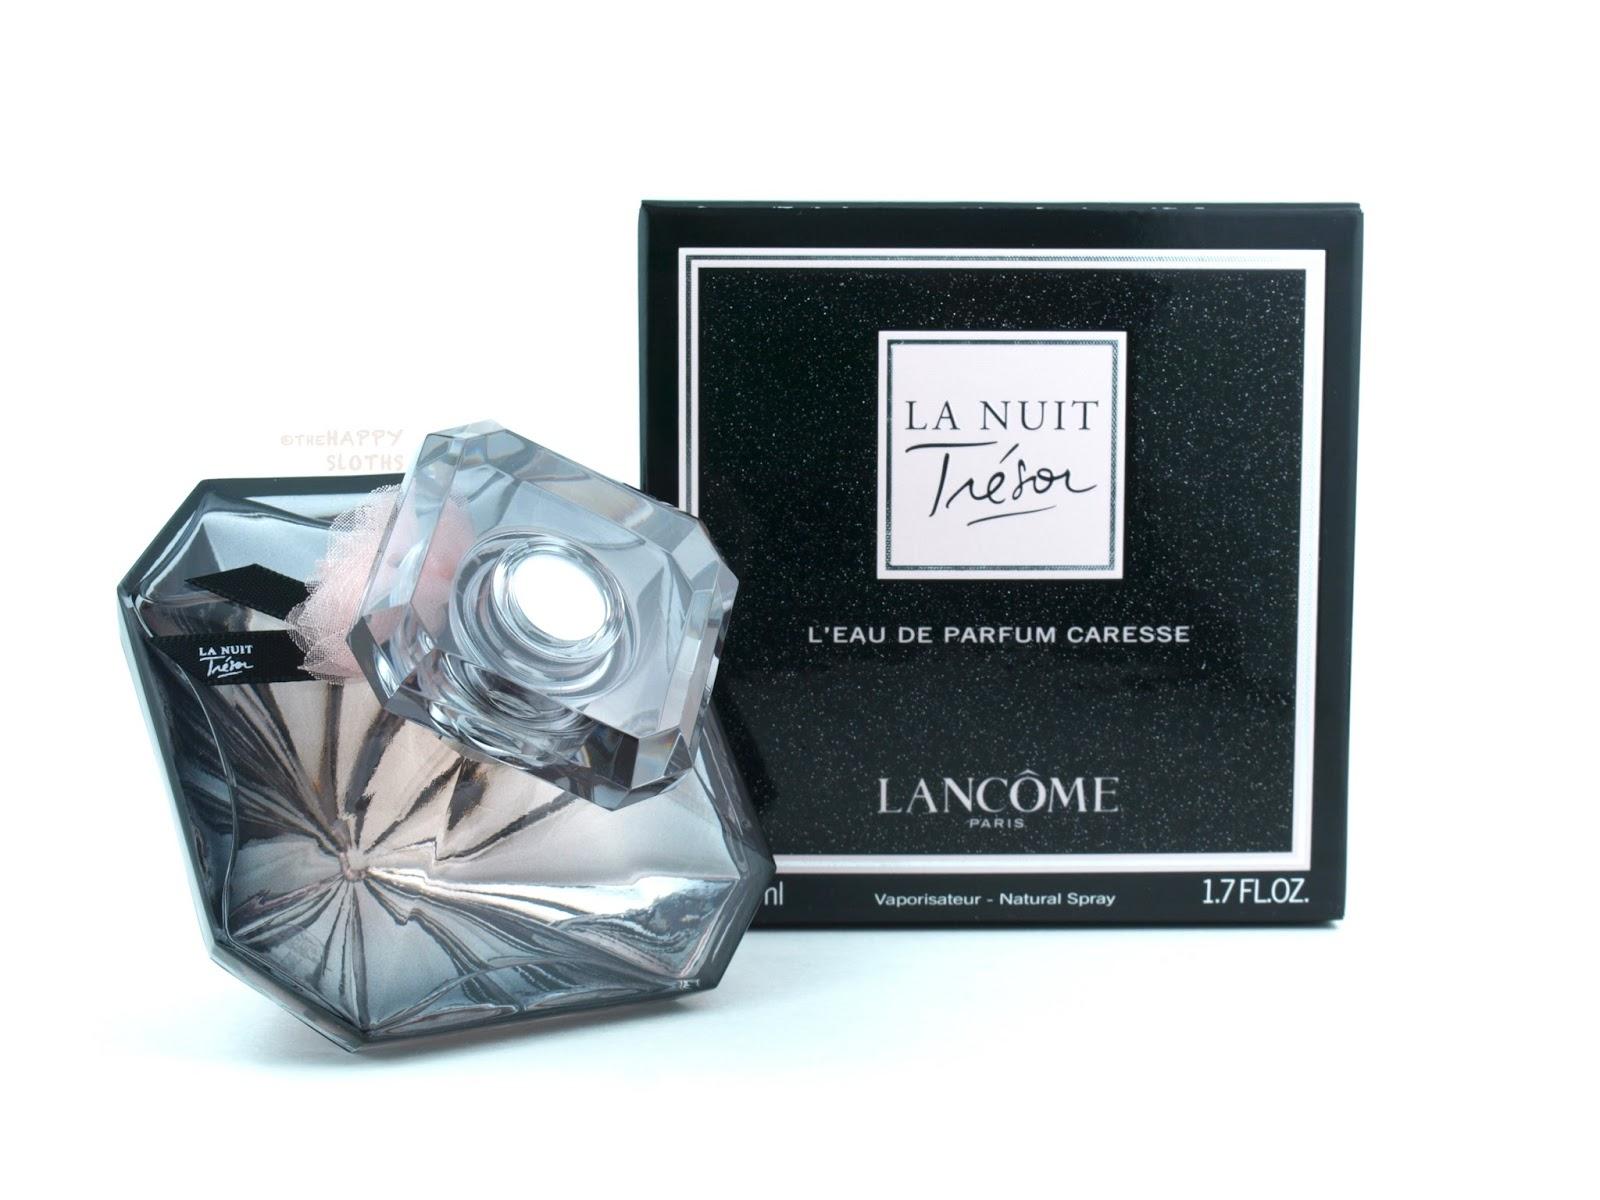 Lancome La Nuit Tresor Caresse L'Eau de Parfum: Review